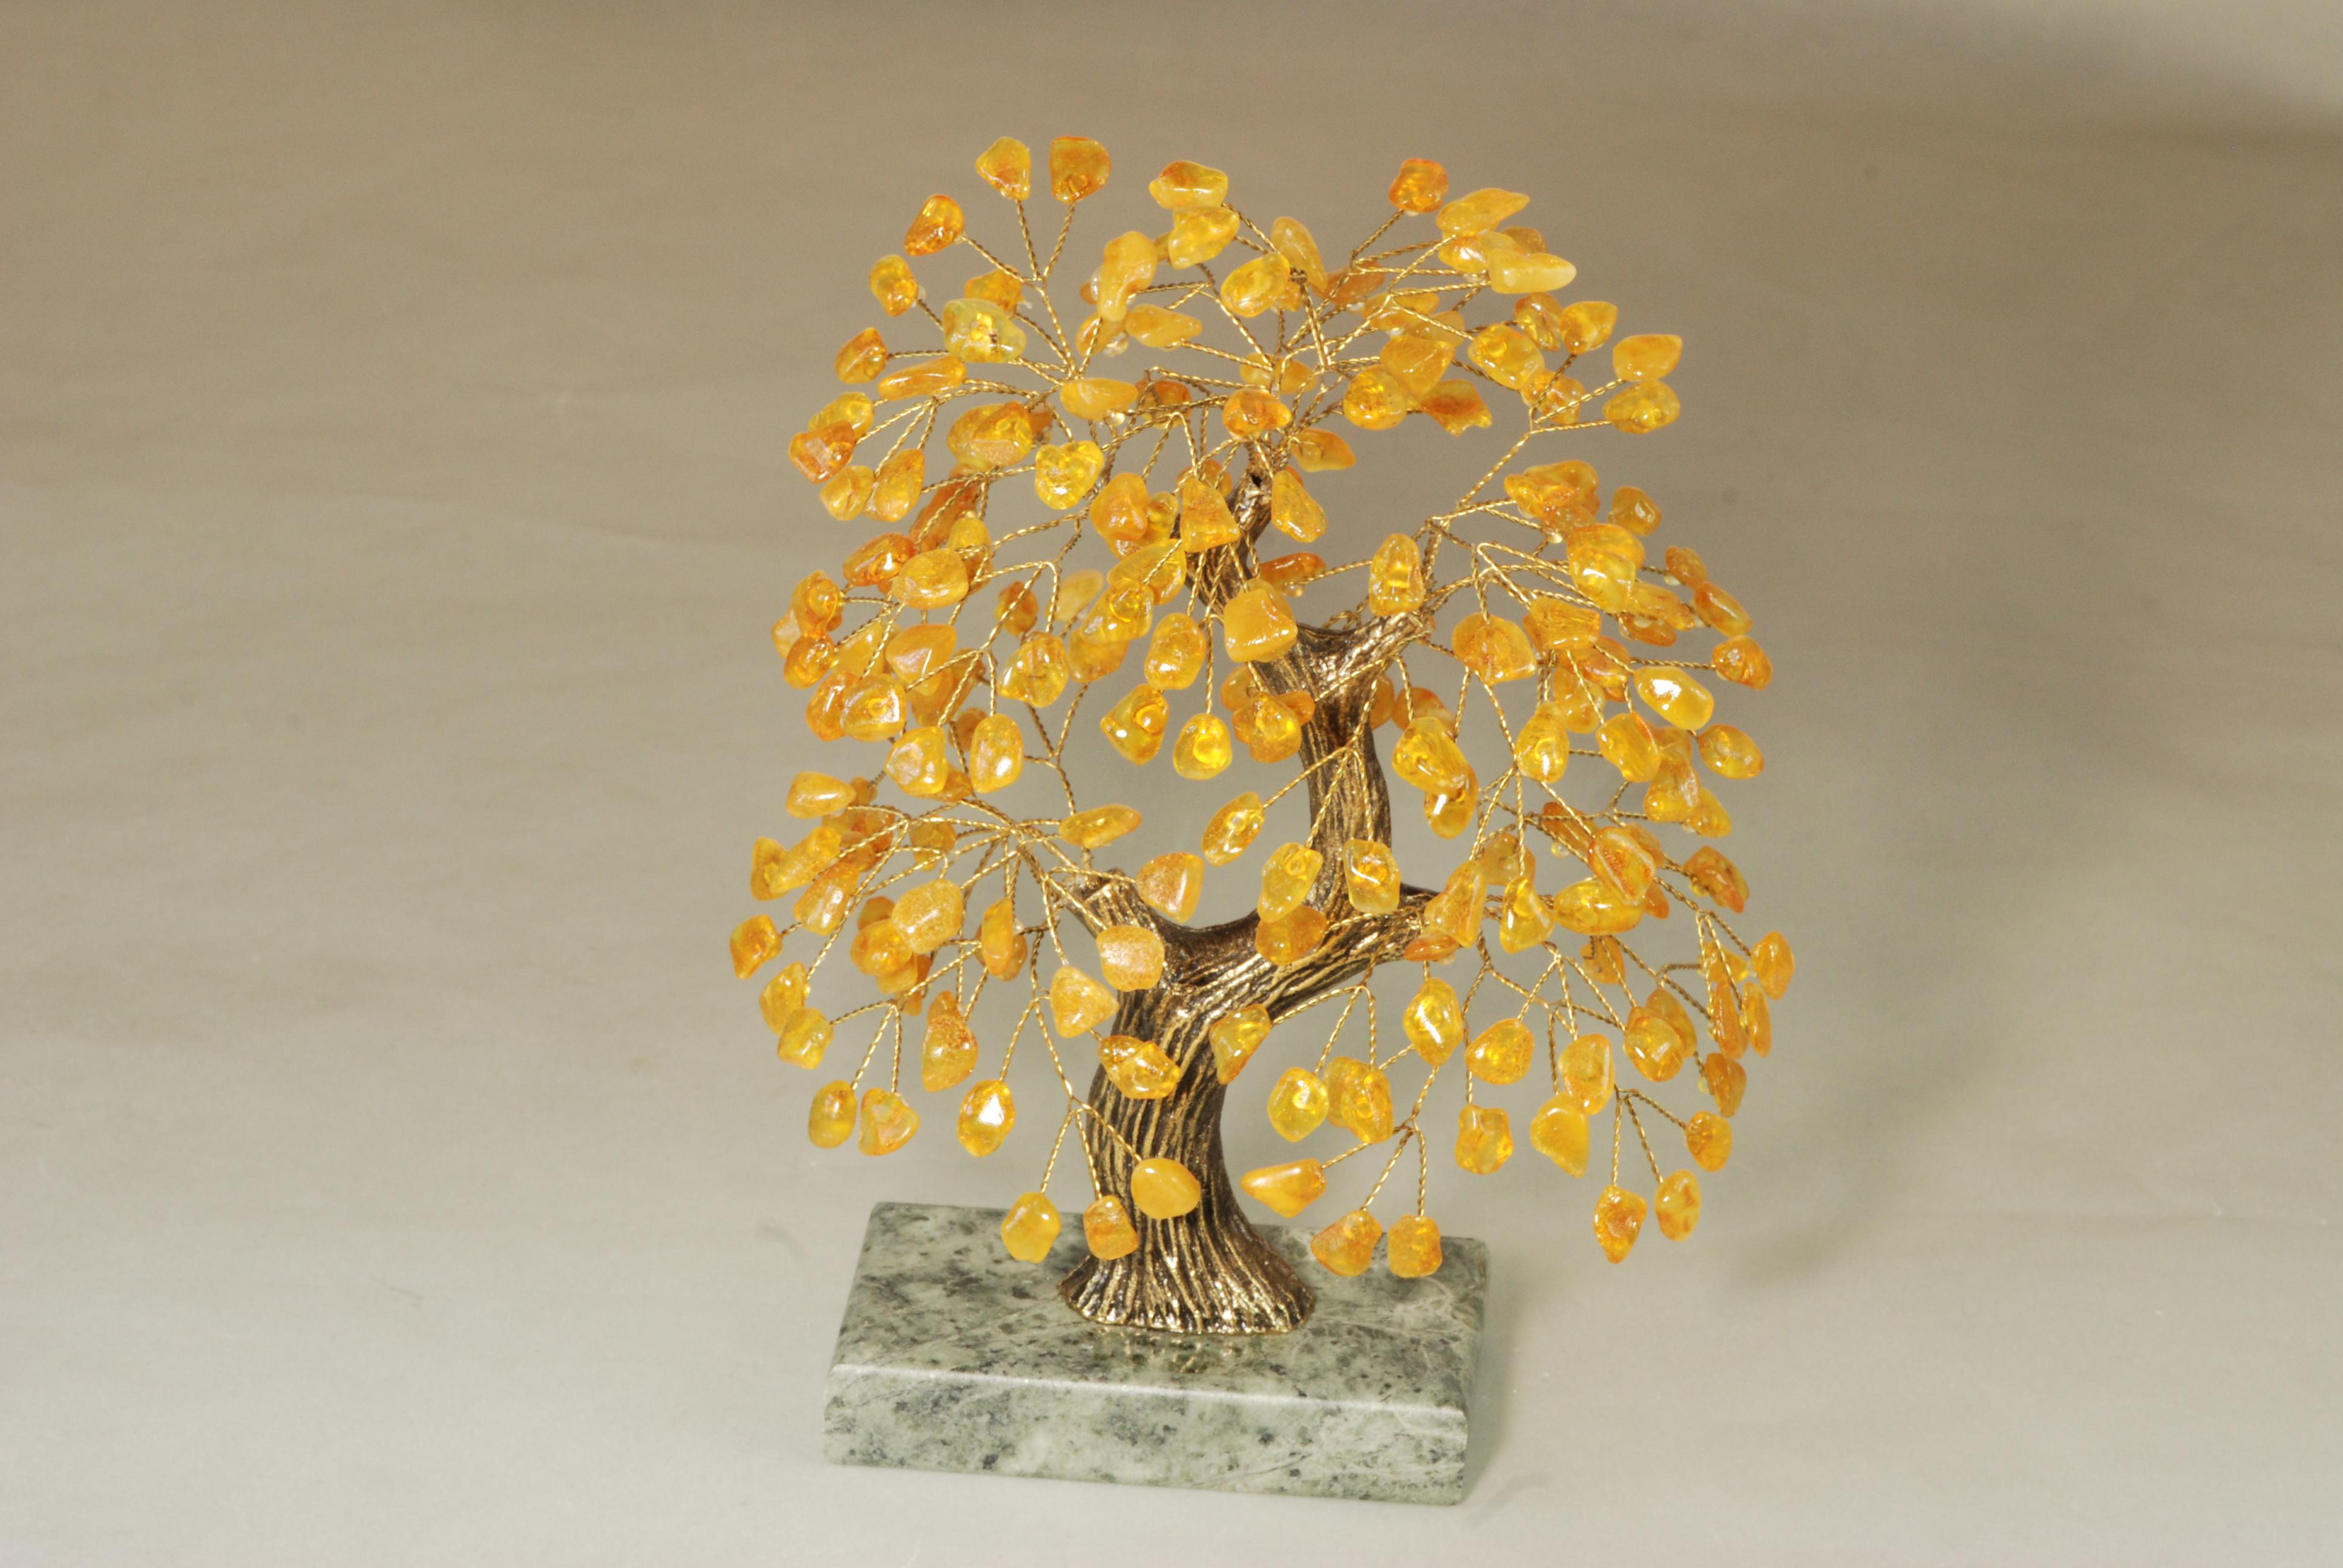 Drzewko szczęścia bursztynowe pamiątki Kudowa Zdrój